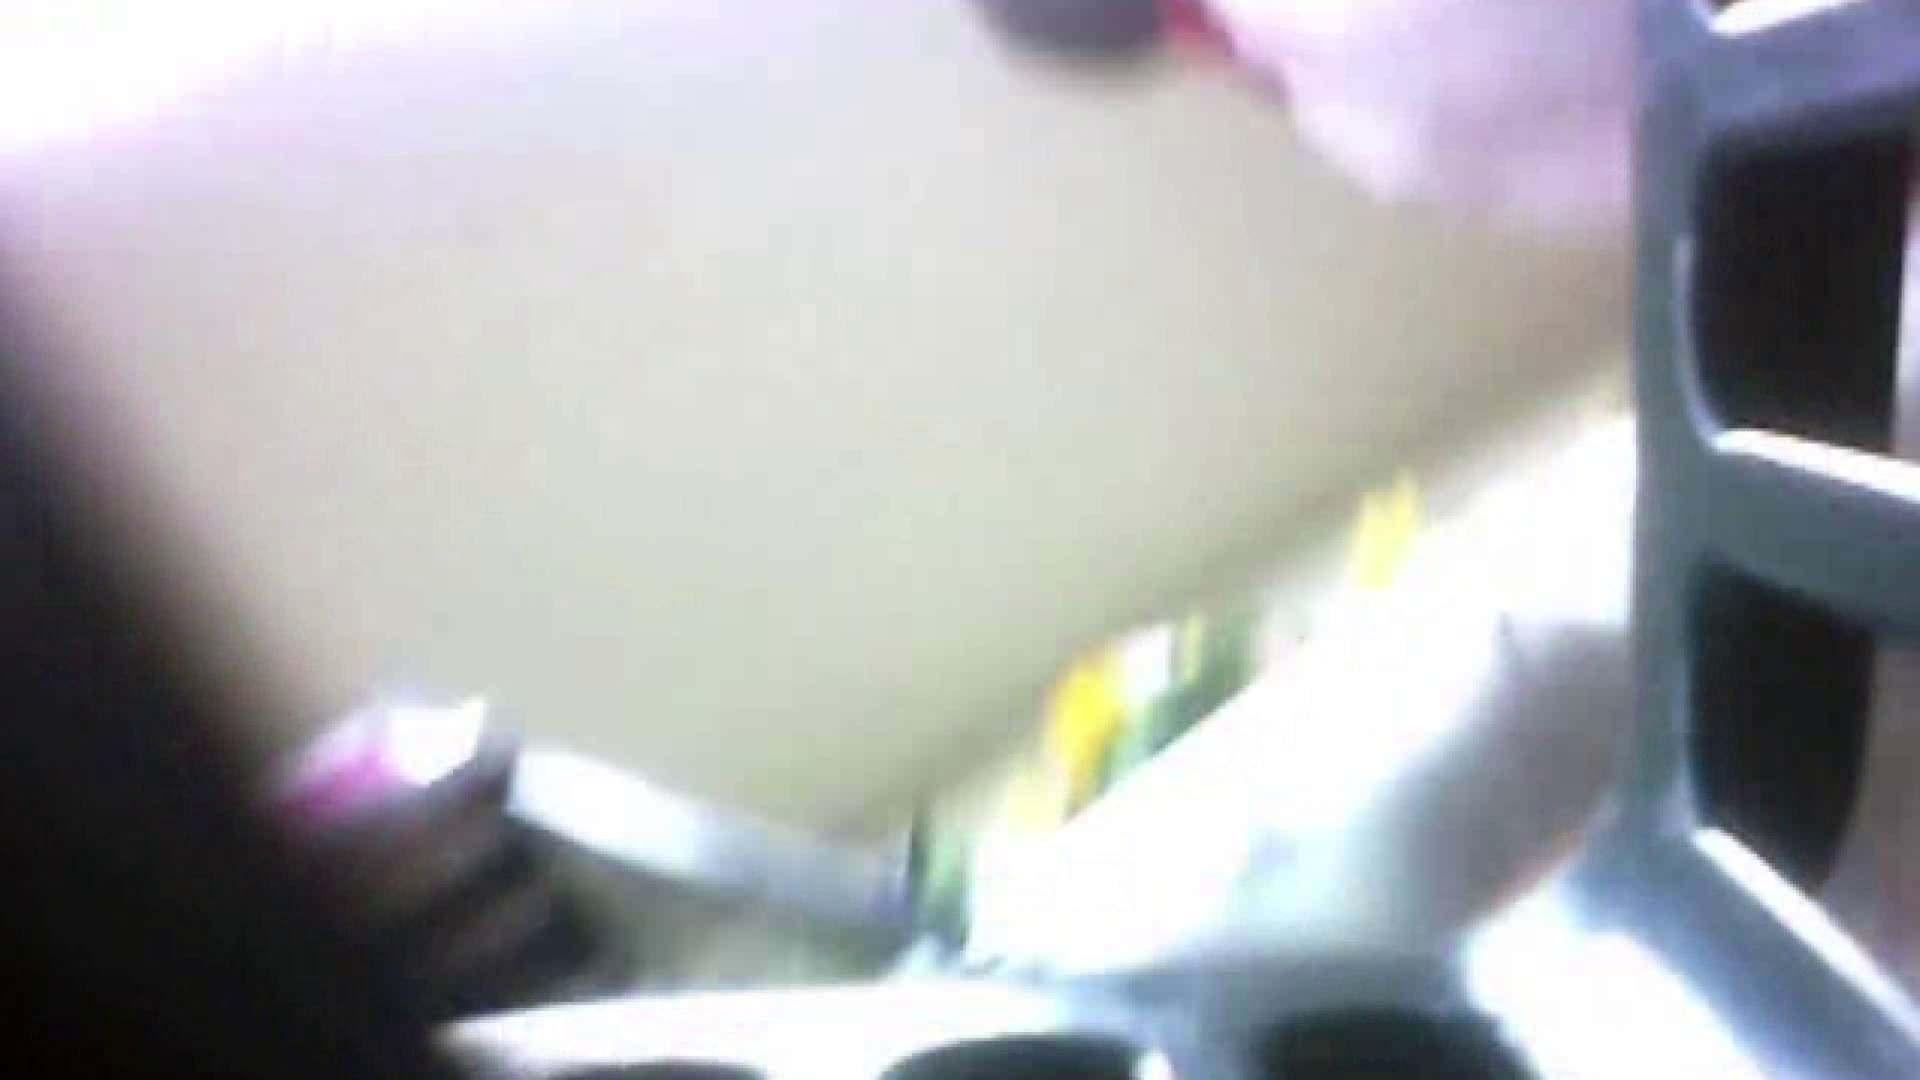 真剣に買い物中のgal達を上から下から狙います。vol.08 隠撮 ヌード画像 109pic 3